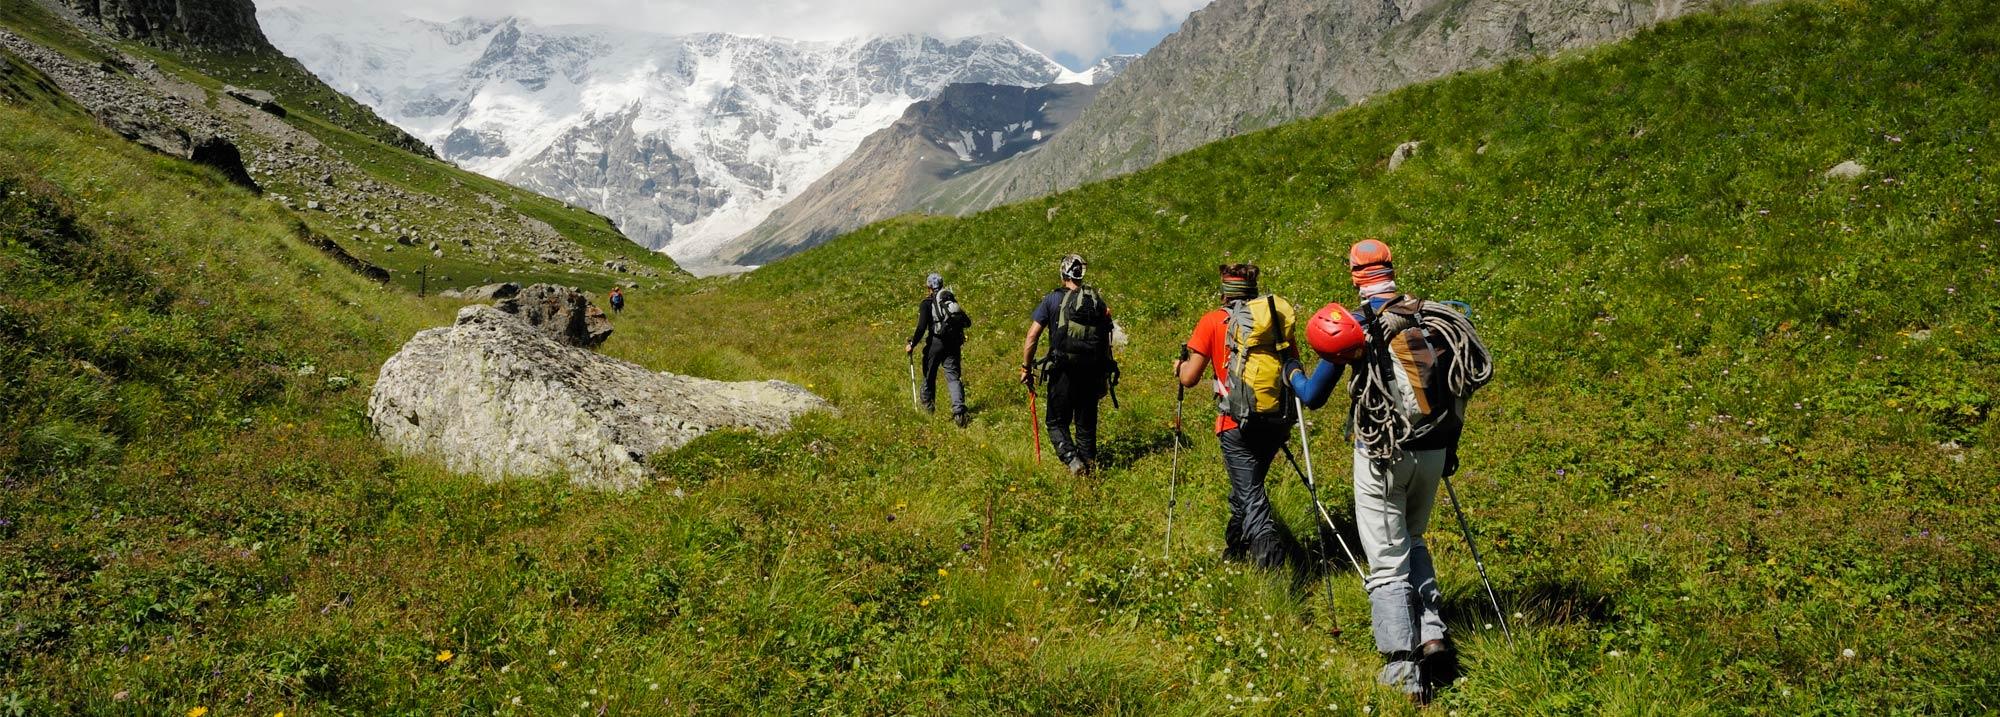 Изображена активная деятельность человека в горах, которая приводит к расходу энергии